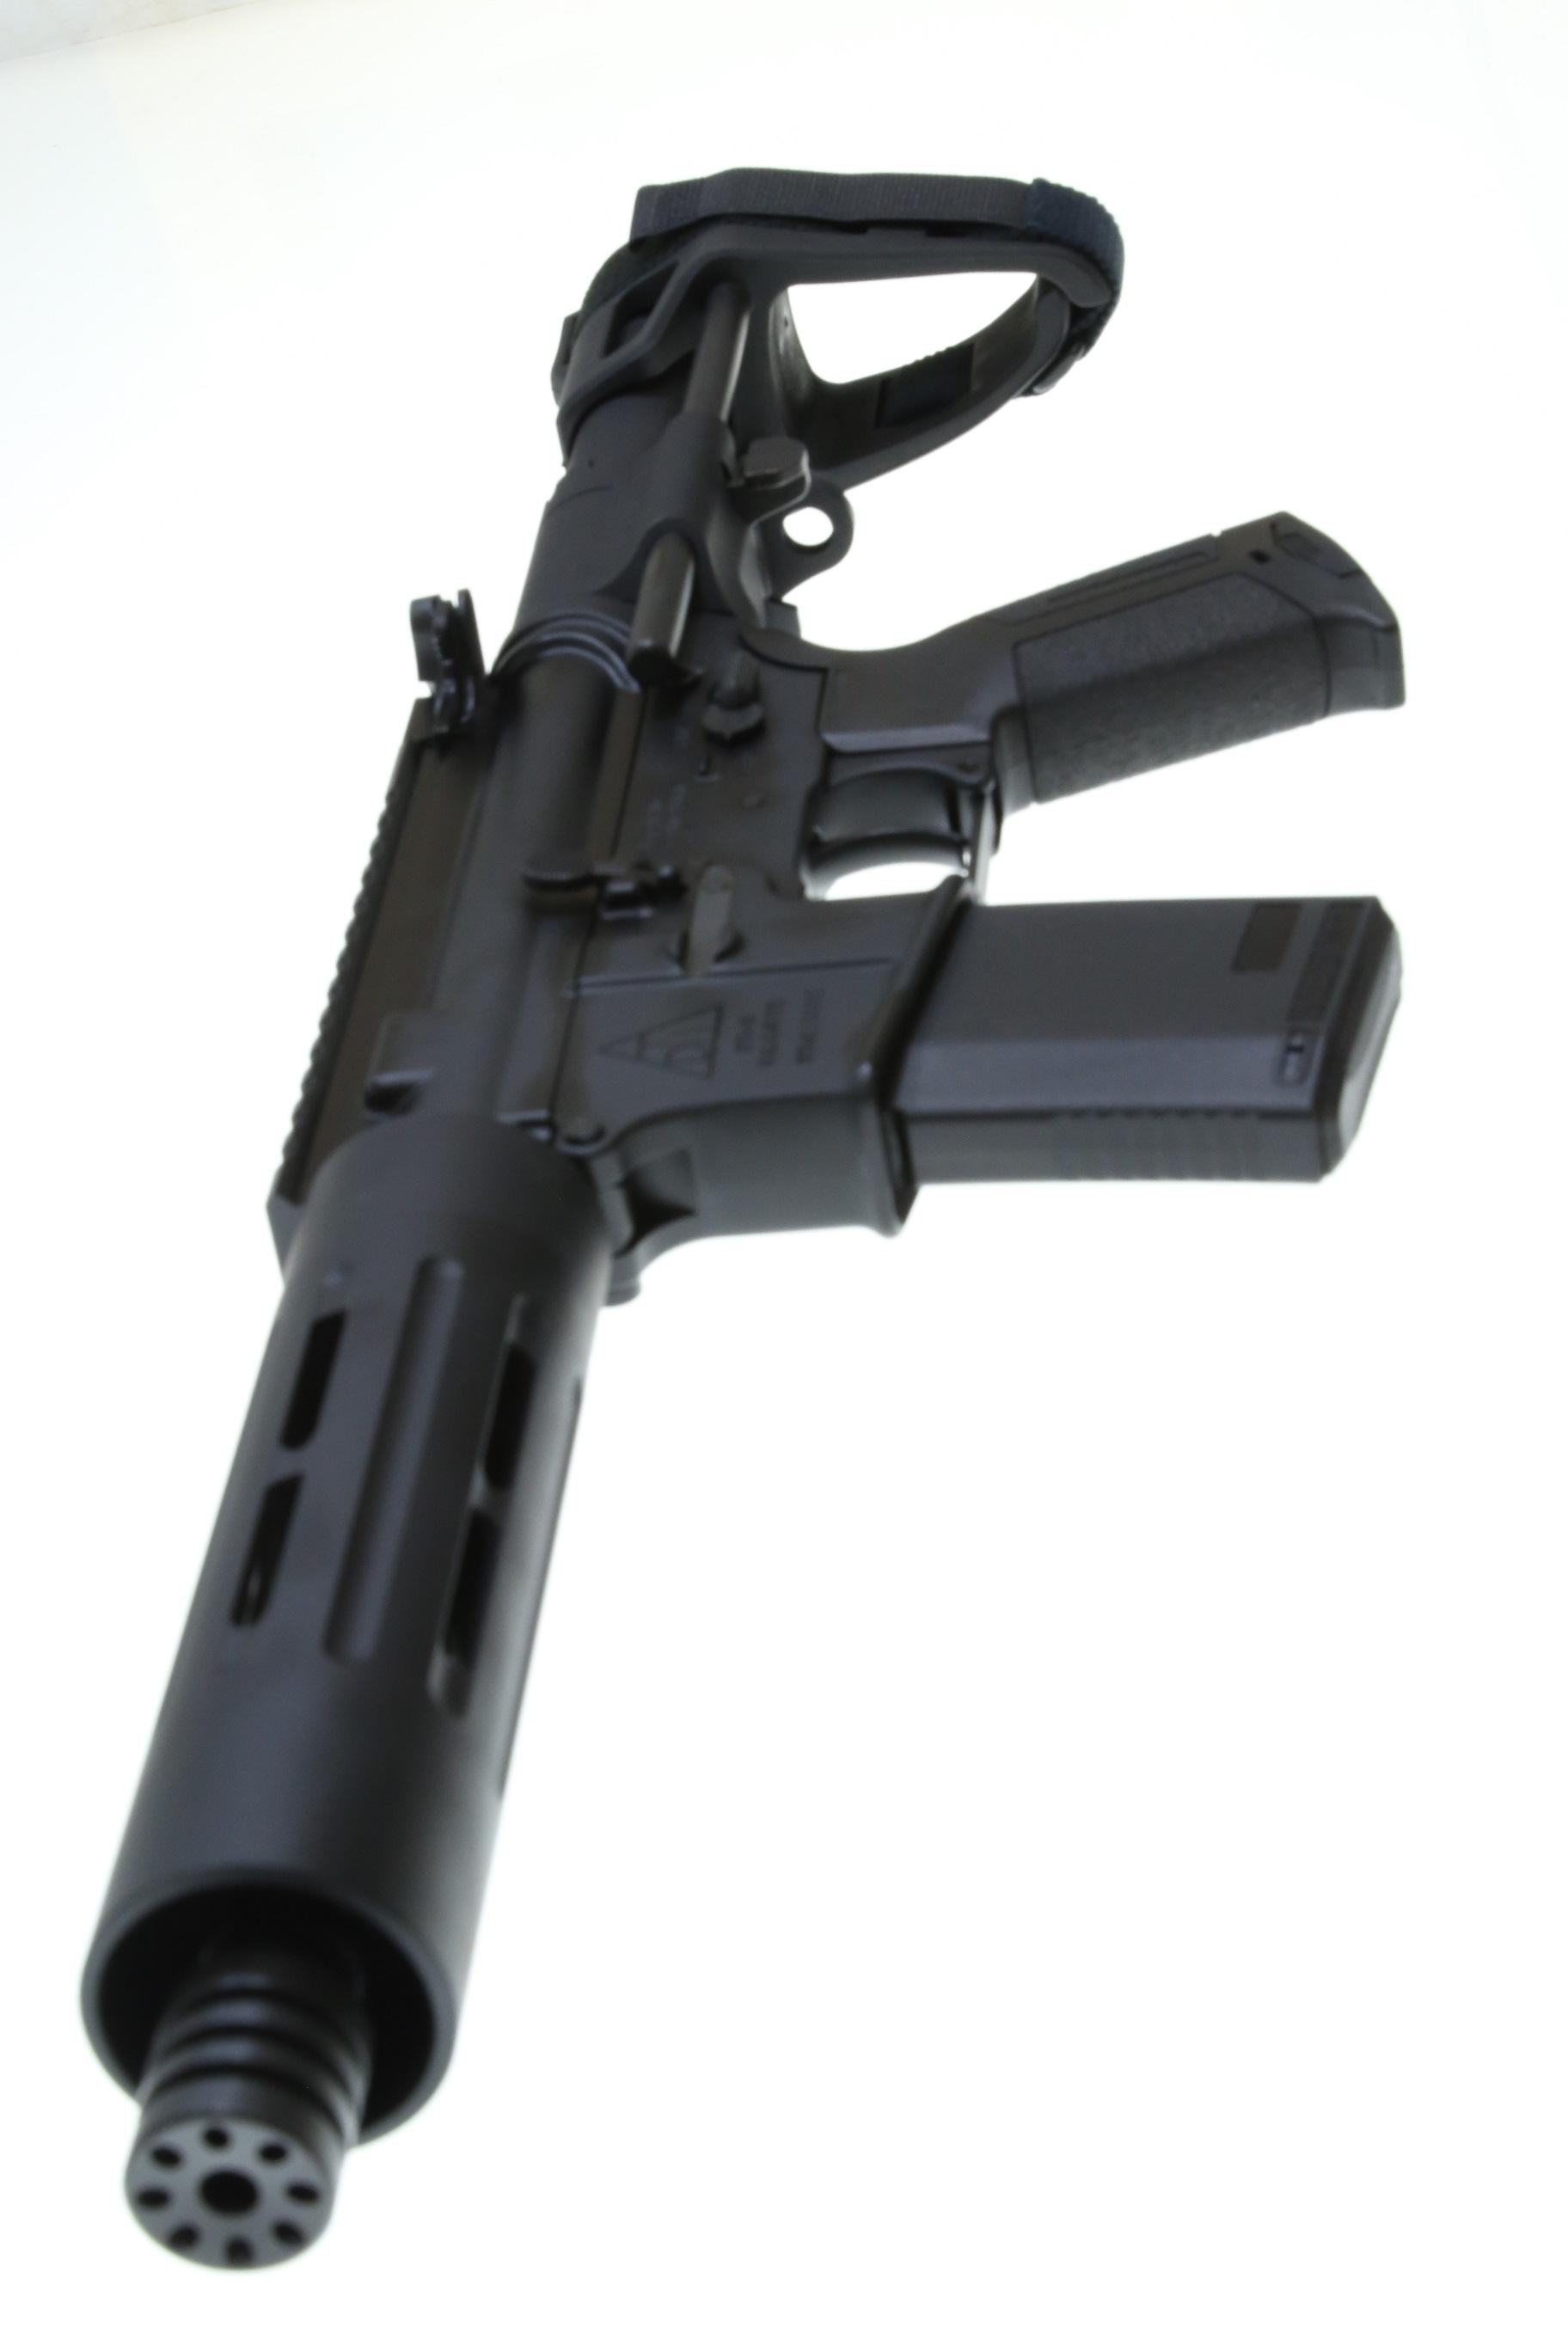 Del-Ton AR-15 Pistol 7 75